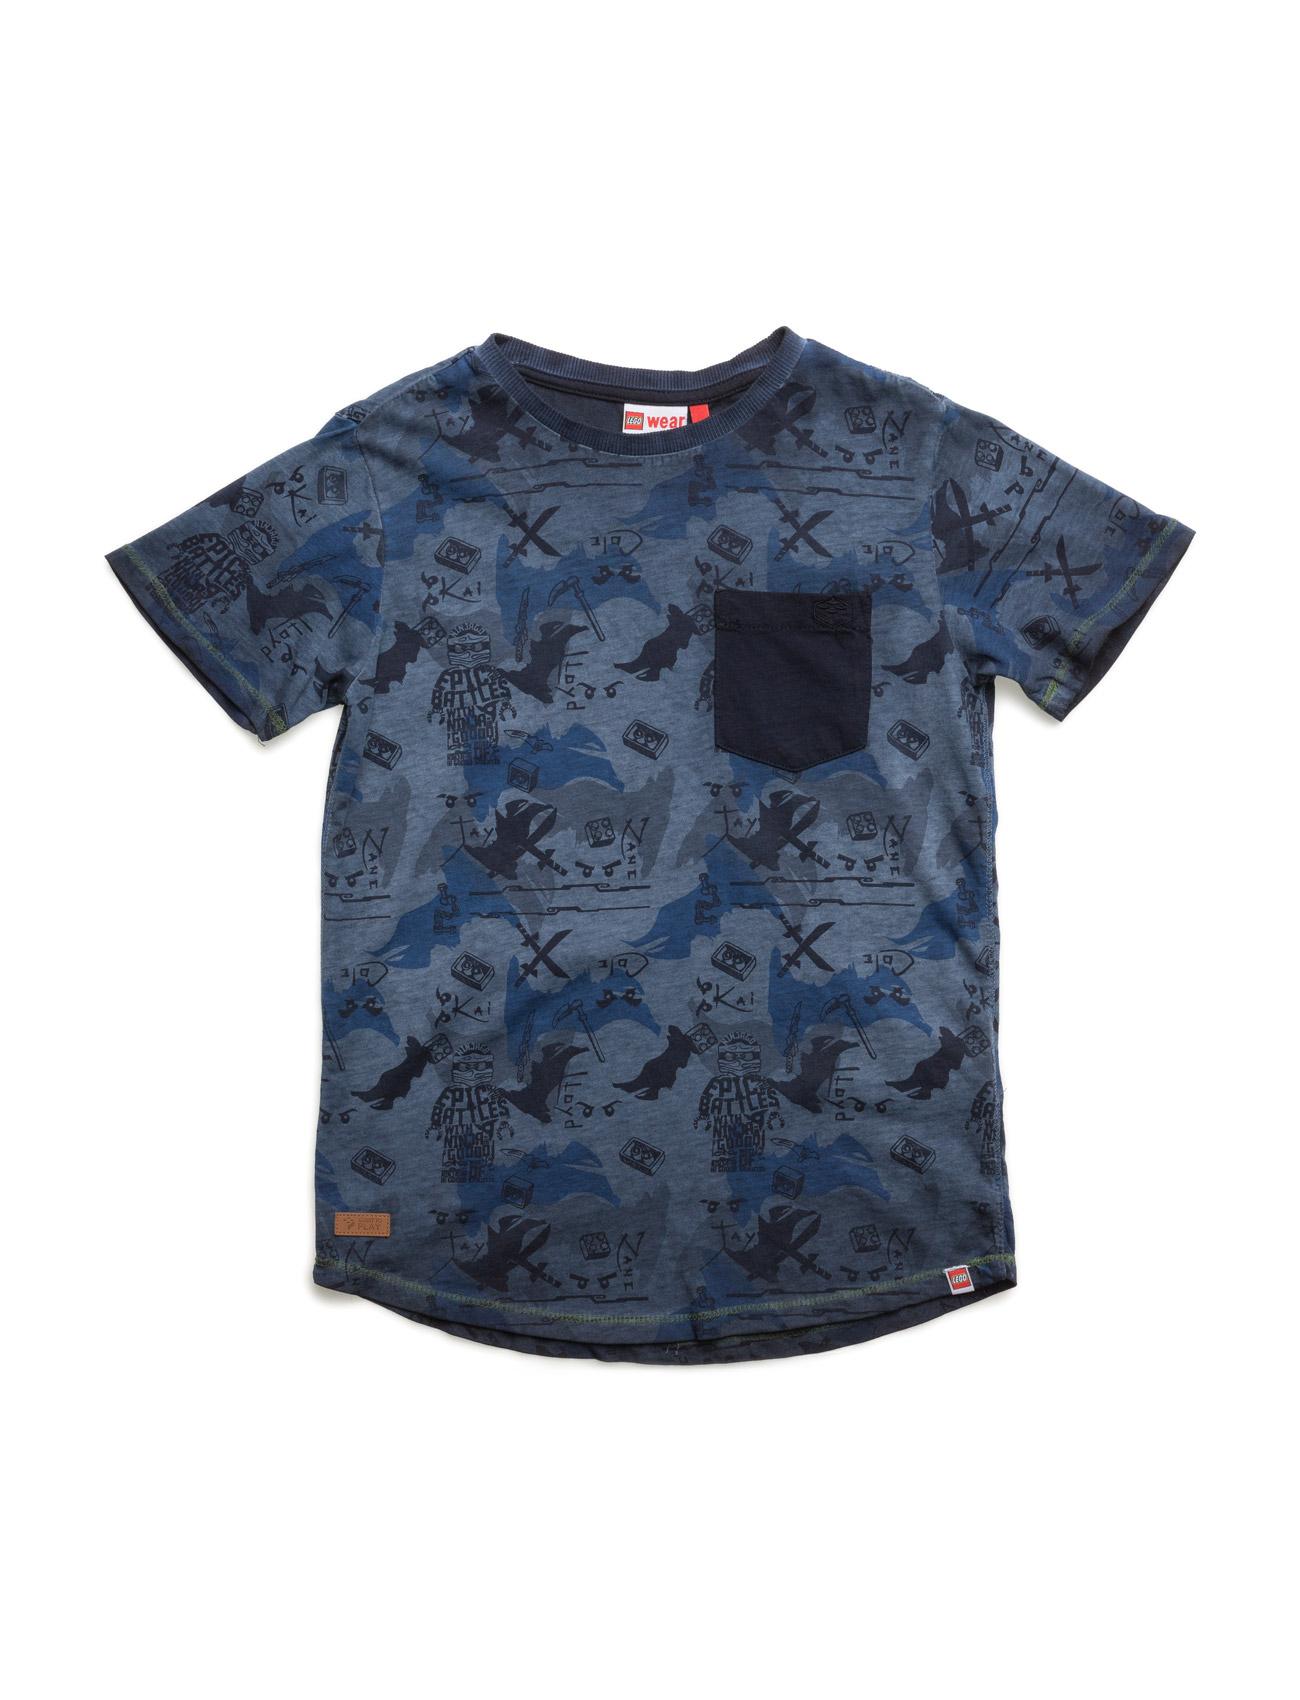 Teo 404 - T-Shirt S/S Lego wear Kortærmede t-shirts til Børn i Mørk Navy